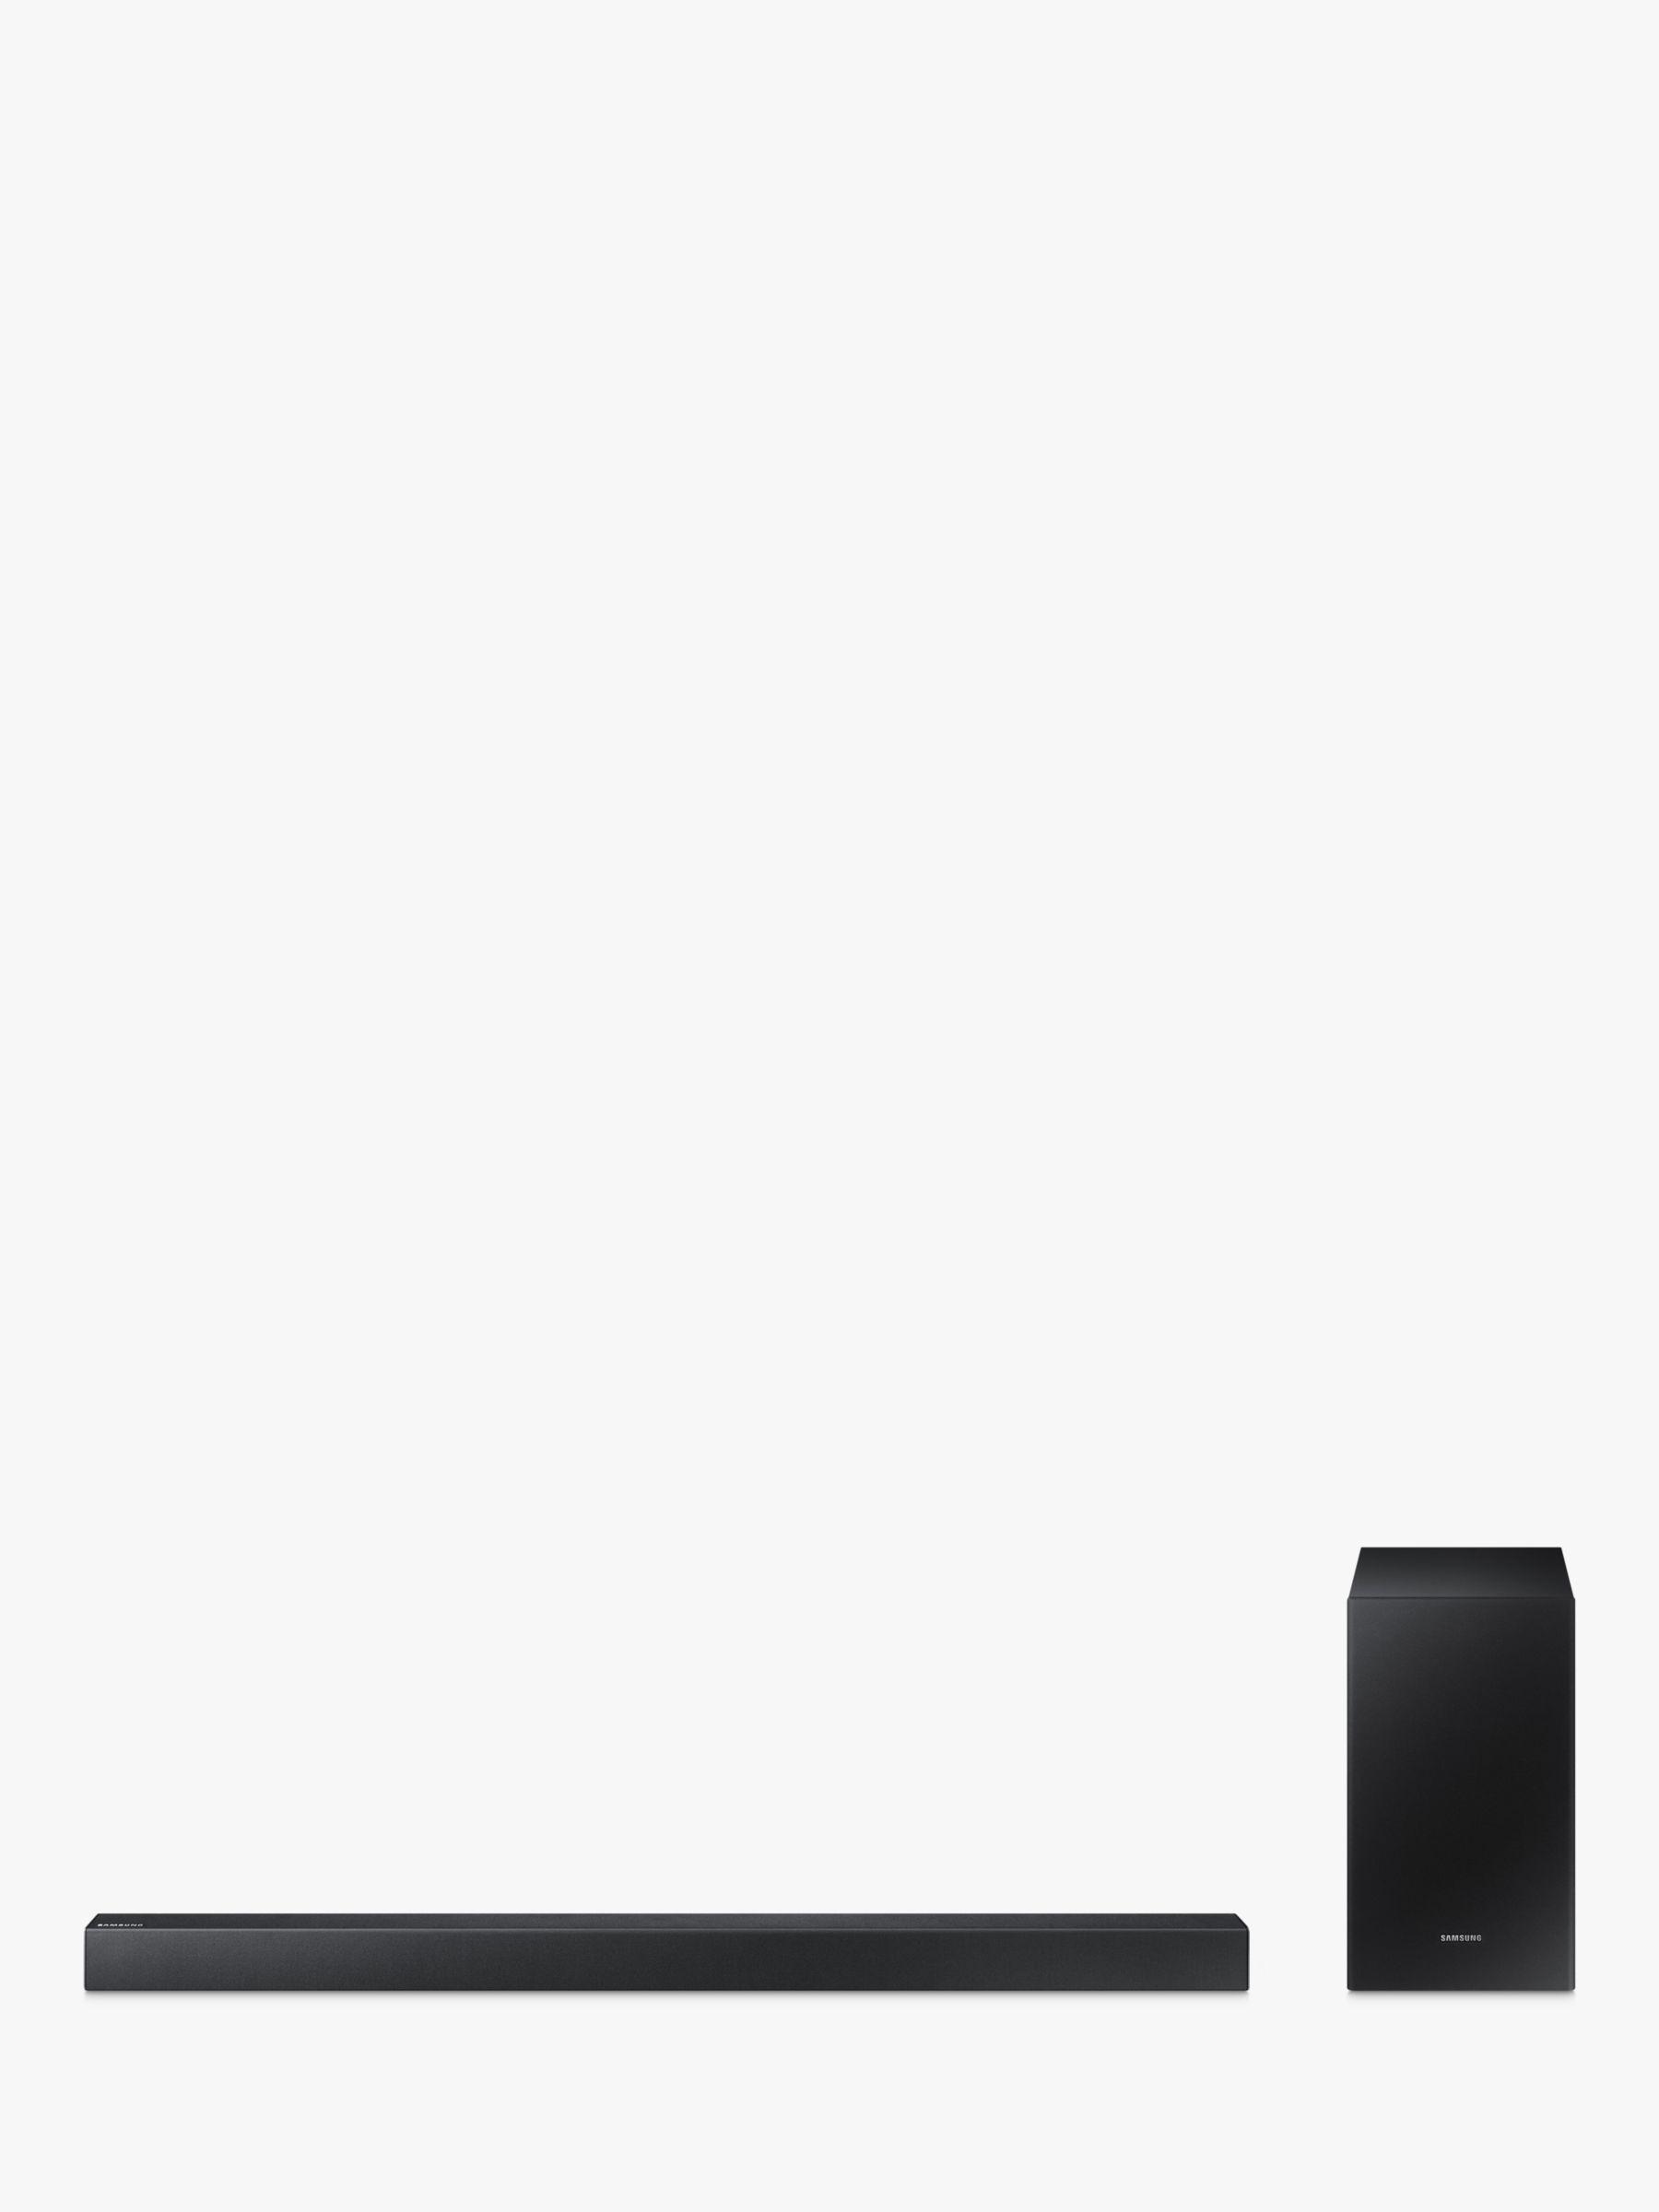 Samsung Samsung HW-R450 Bluetooth Sound Bar with Wireless Subwoofer